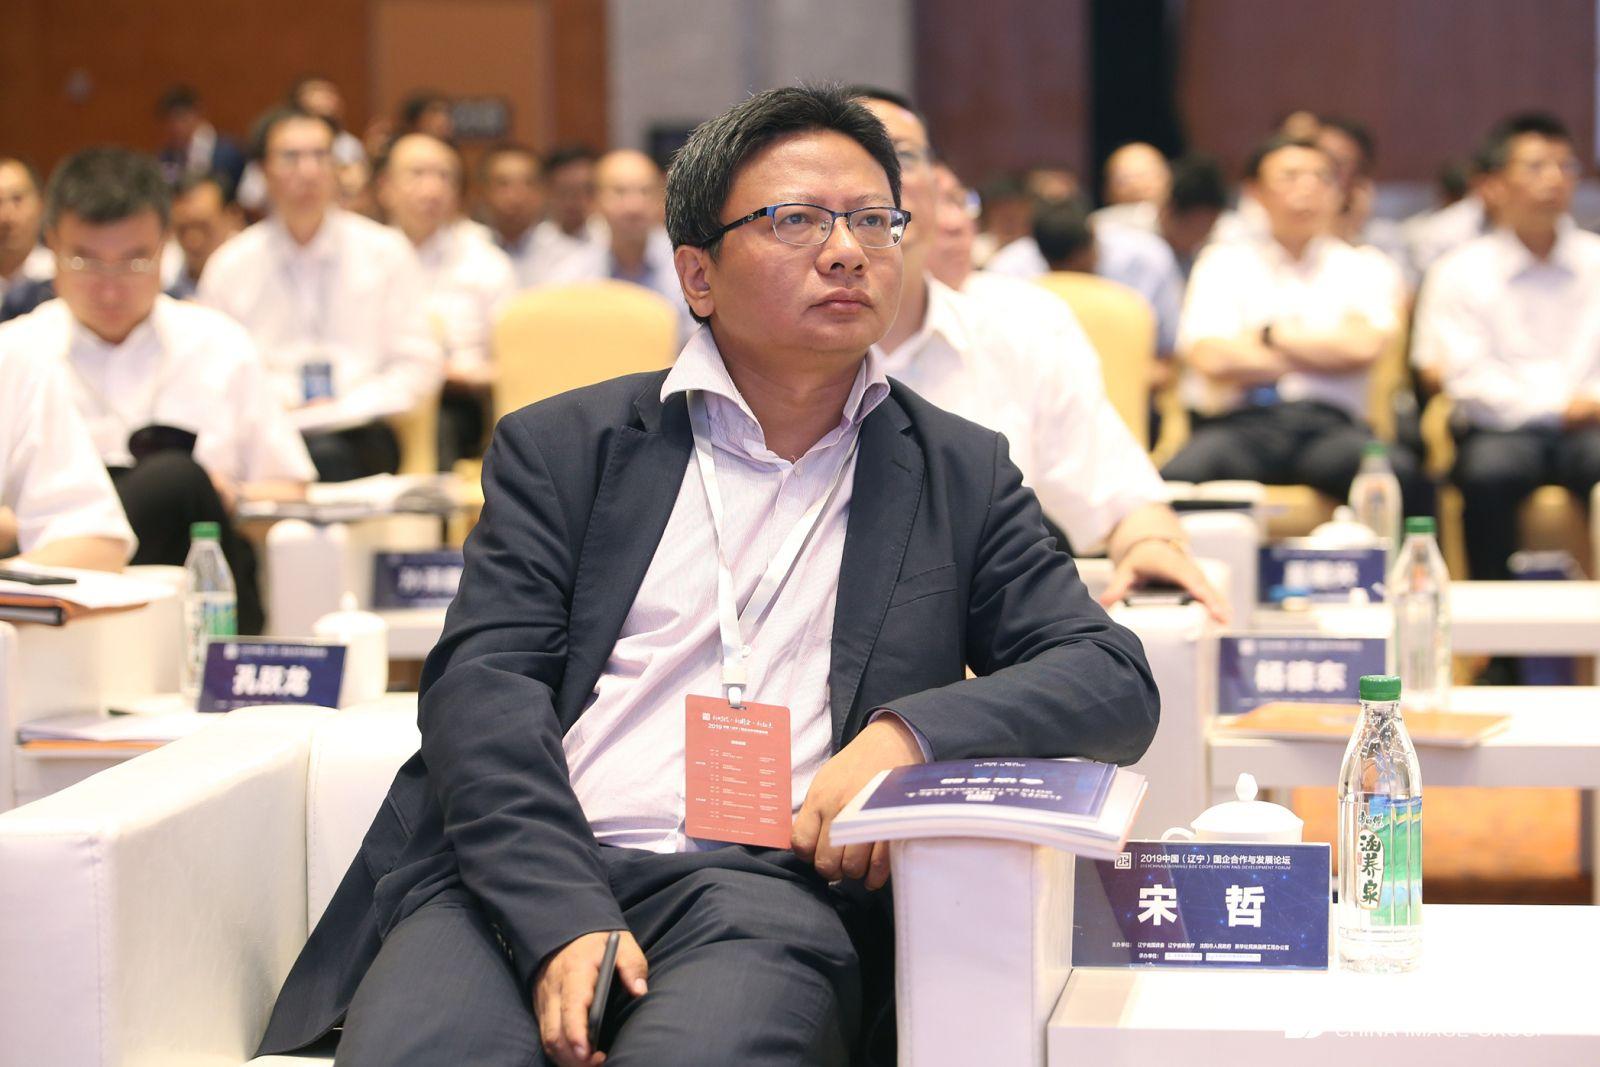 中白工业园驻中国总代表宋哲。